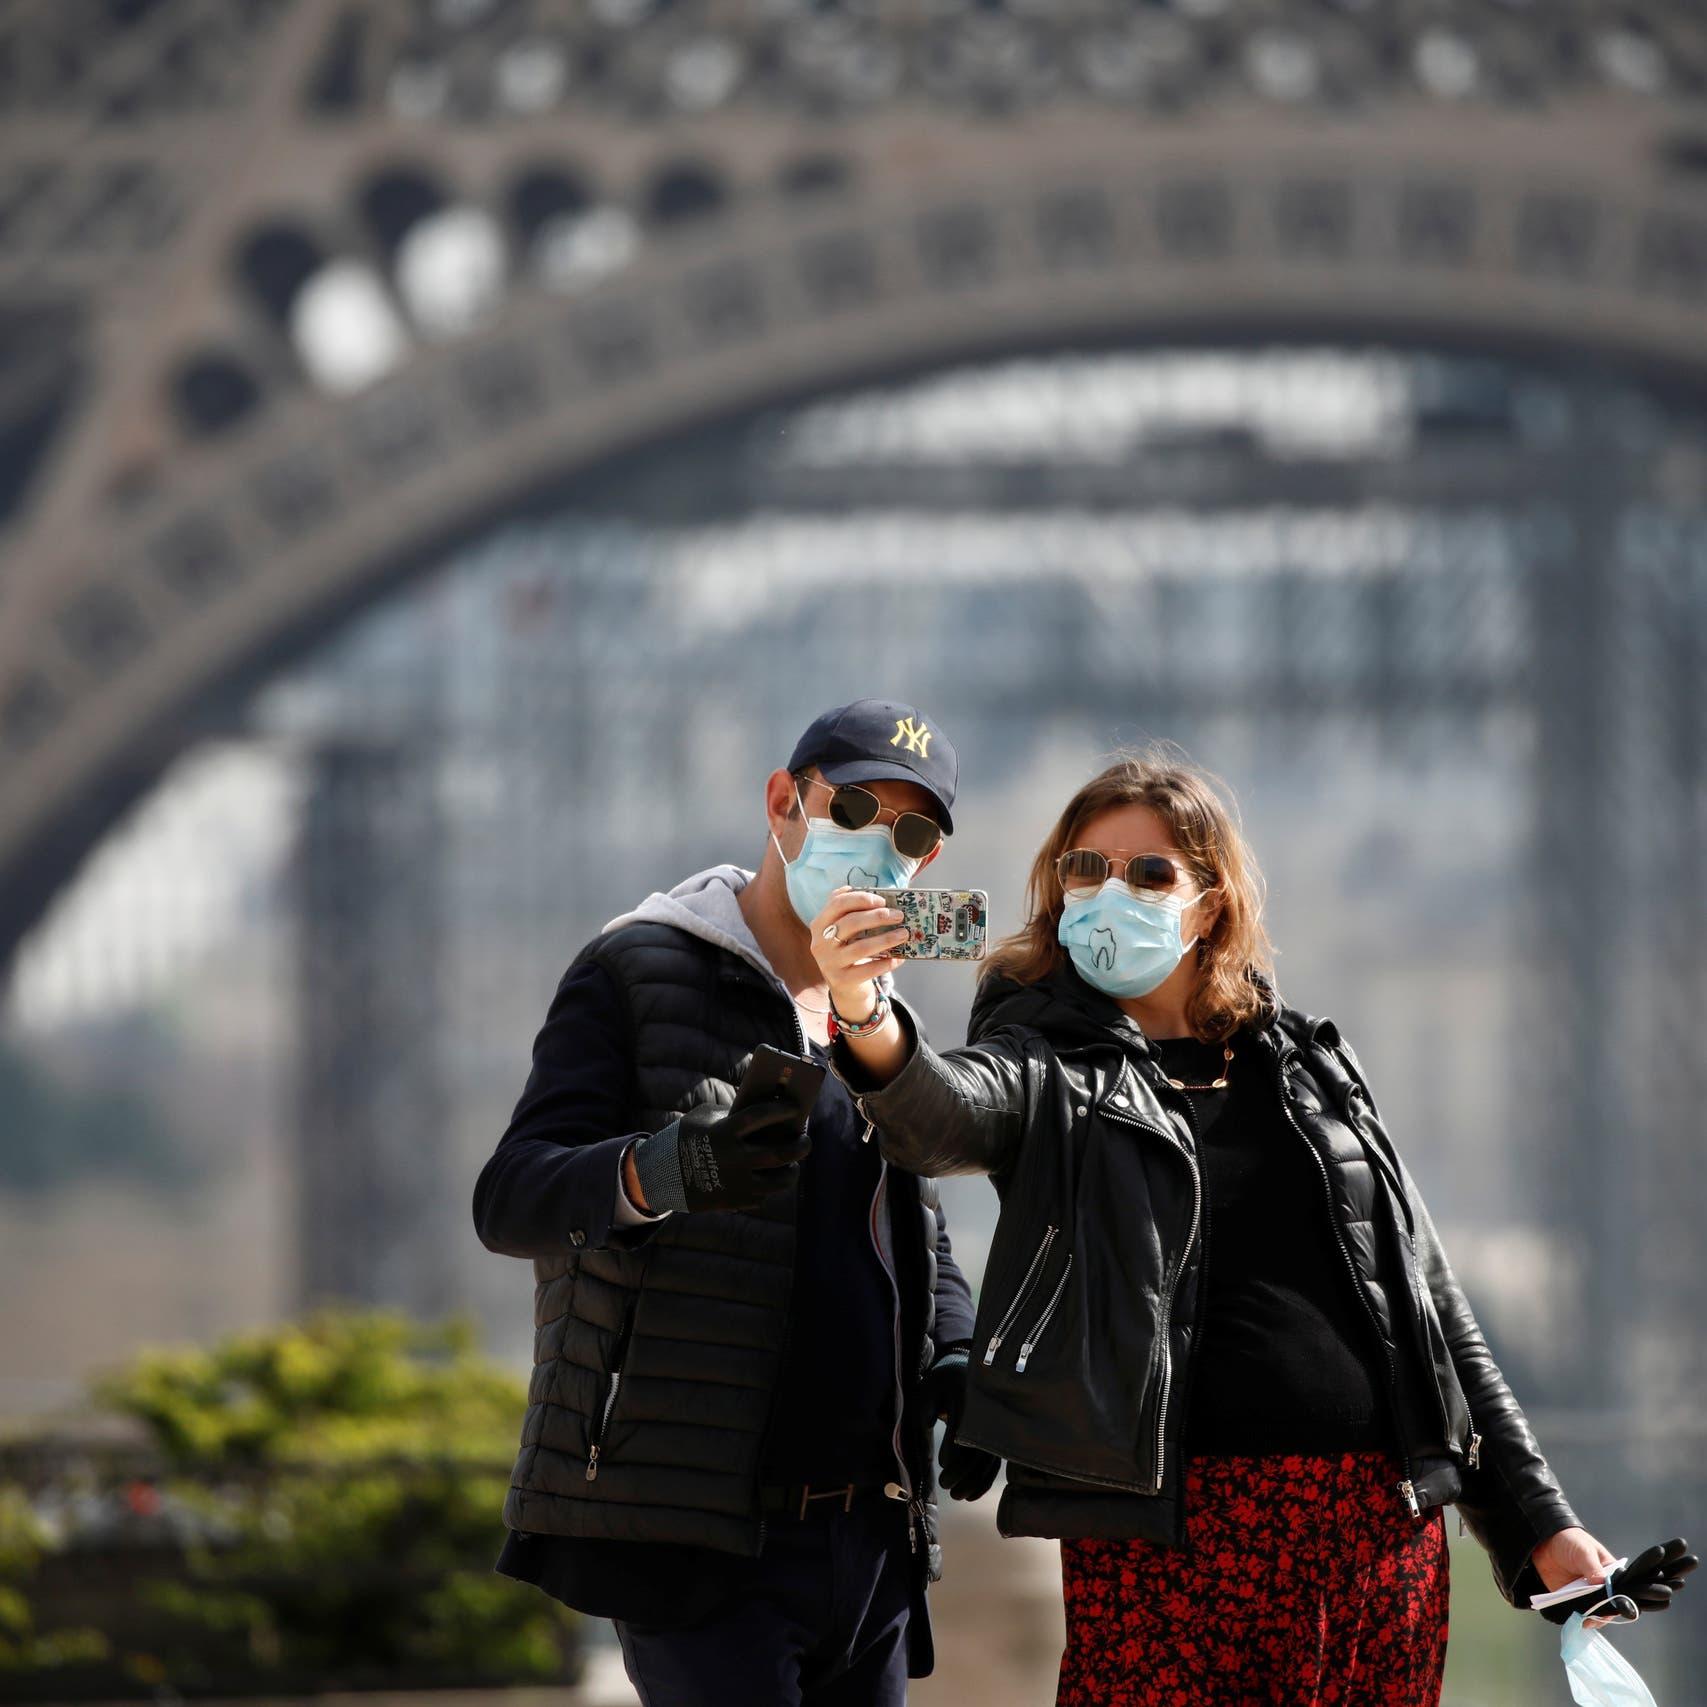 بريطانيا تضيف فرنسا وهولندا إلى قائمة الحجر الصحي